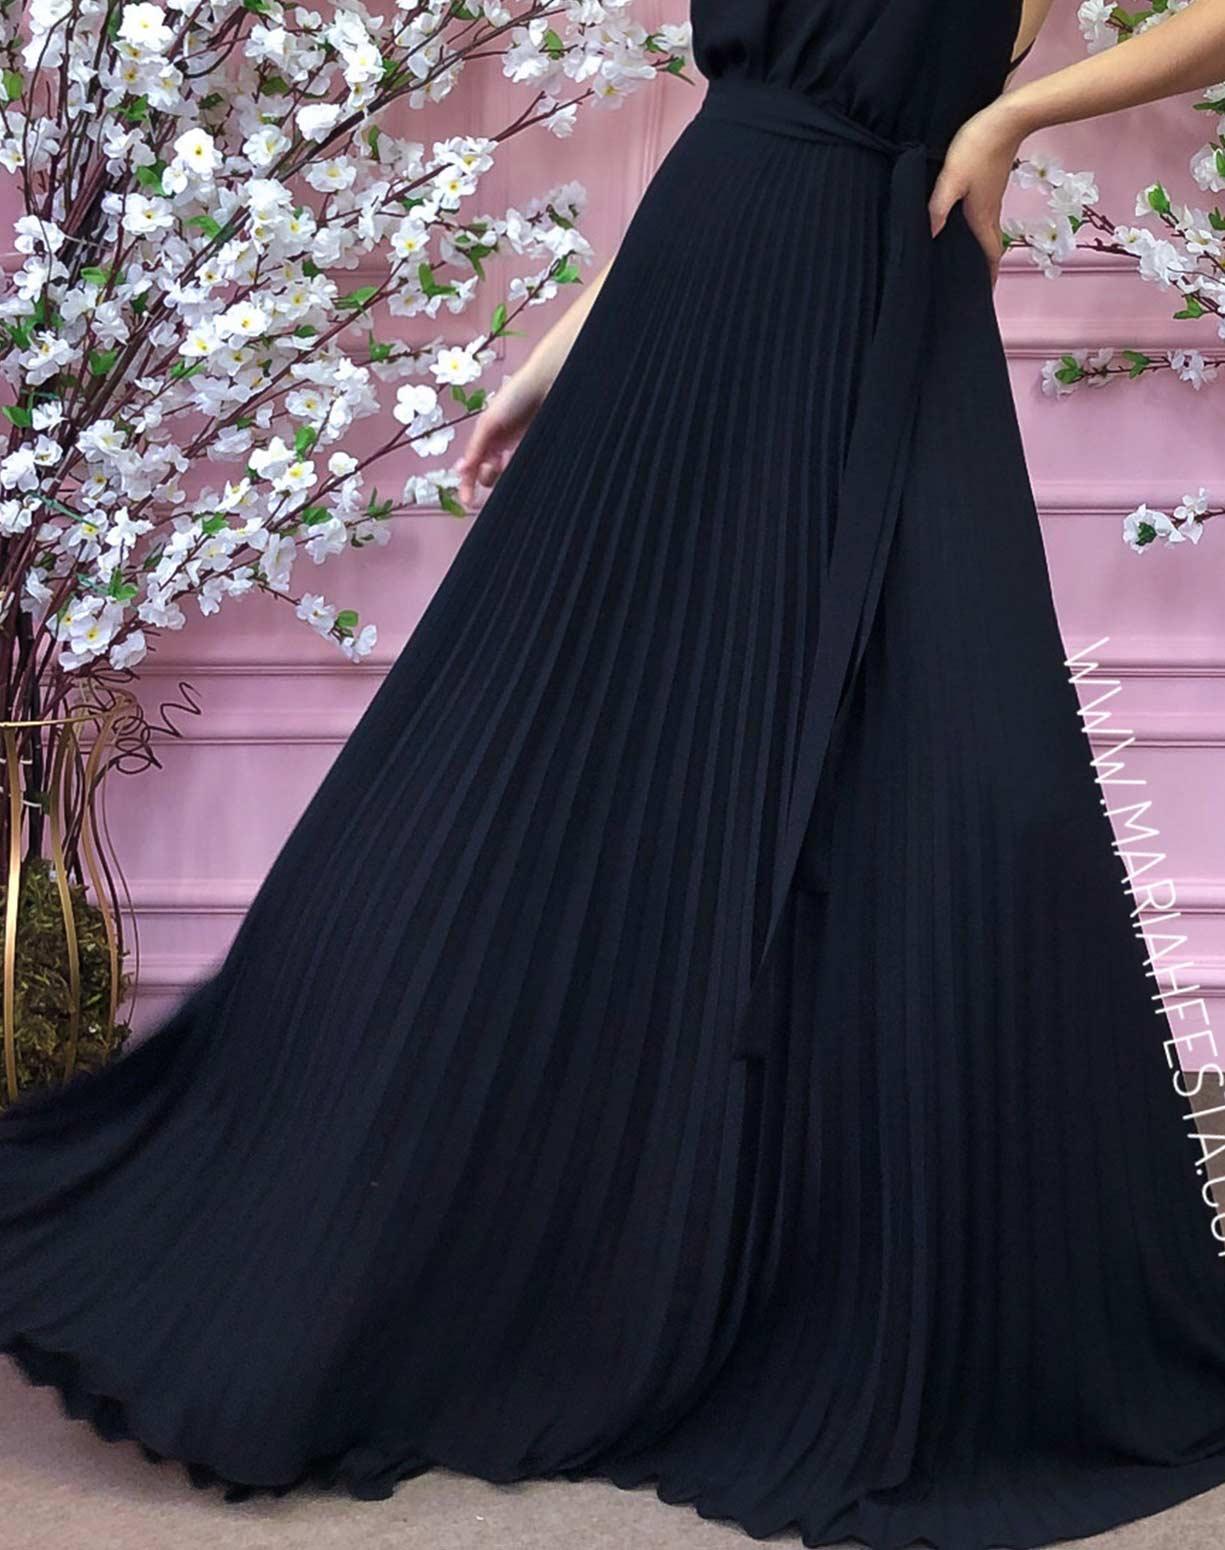 Vestido Preto com Decote nas Costas e Saia Plissada